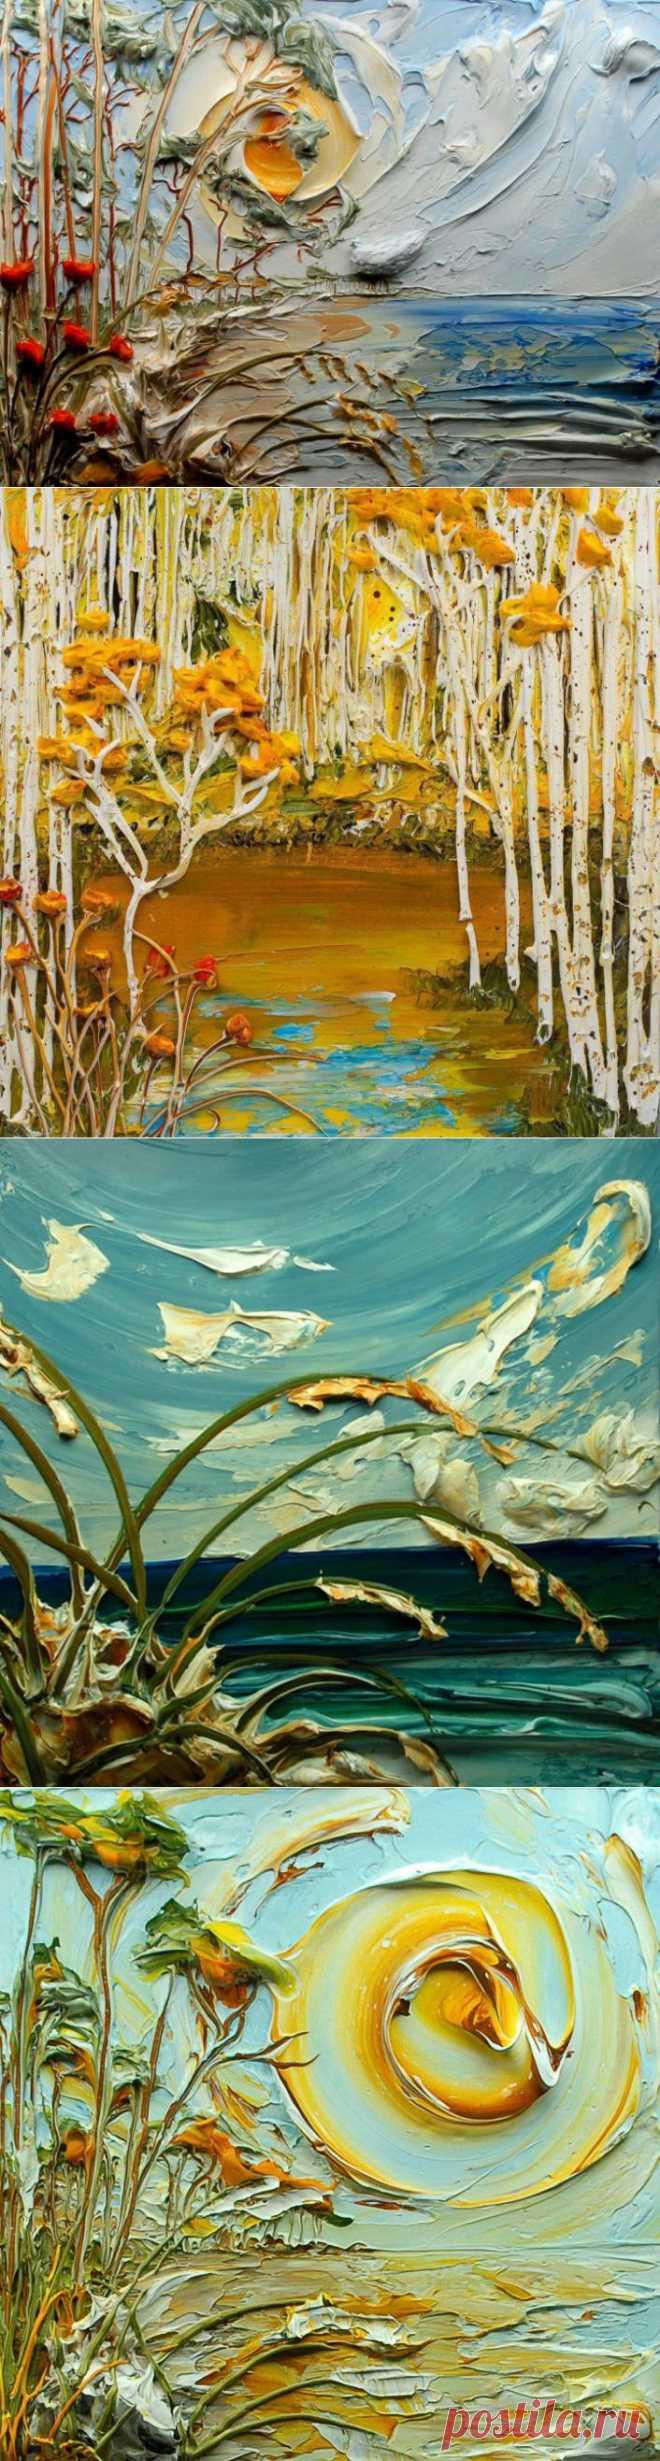 (+1) комм - Шедевры в жанре объемной живописи | Искусство